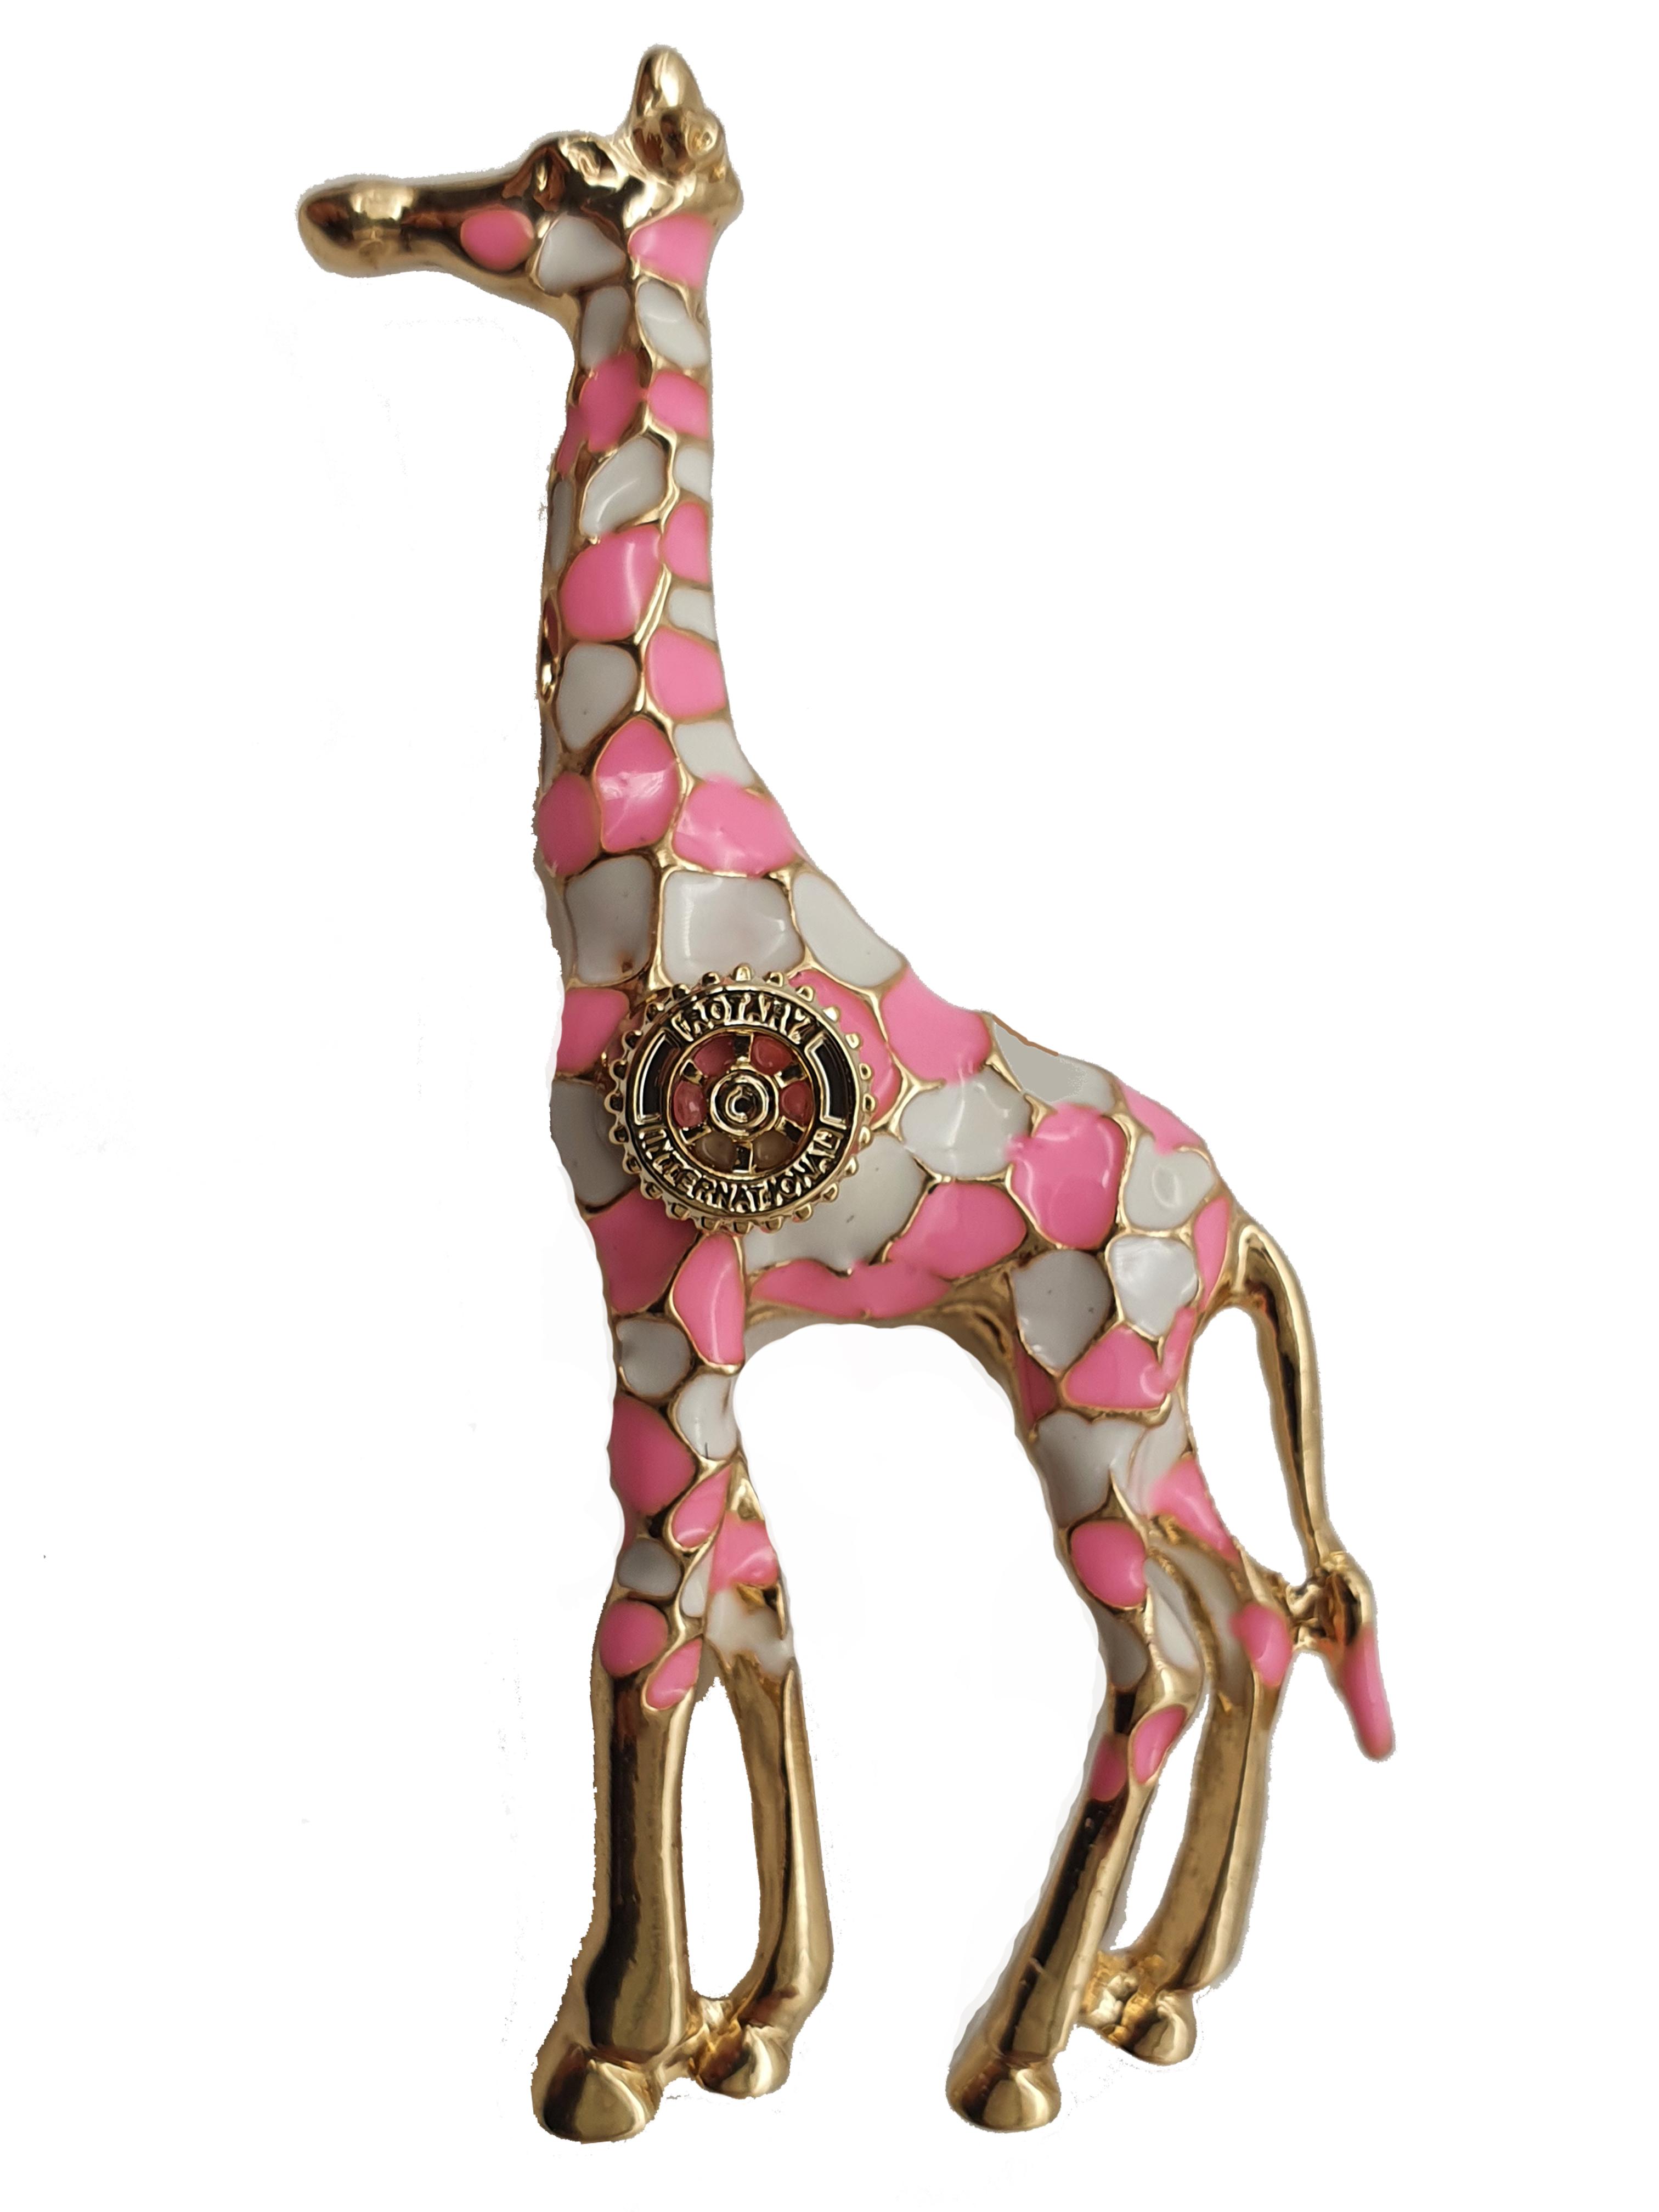 Damen-Brosche Giraffe rosa weiss